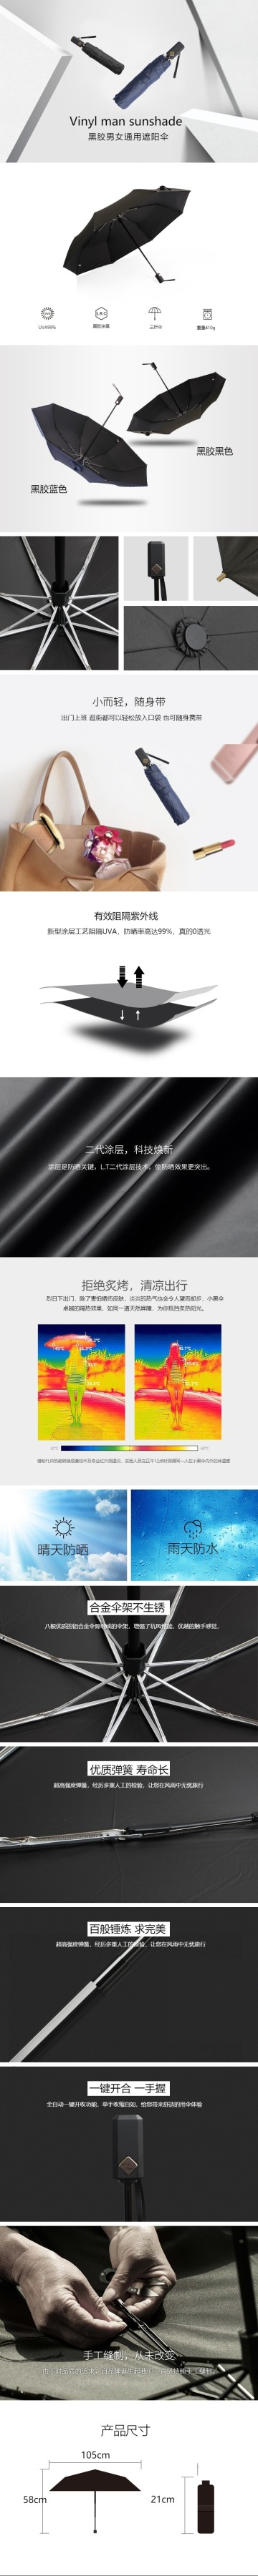 扁平简约百货零售家居生活黑胶雨伞促销电商详情页